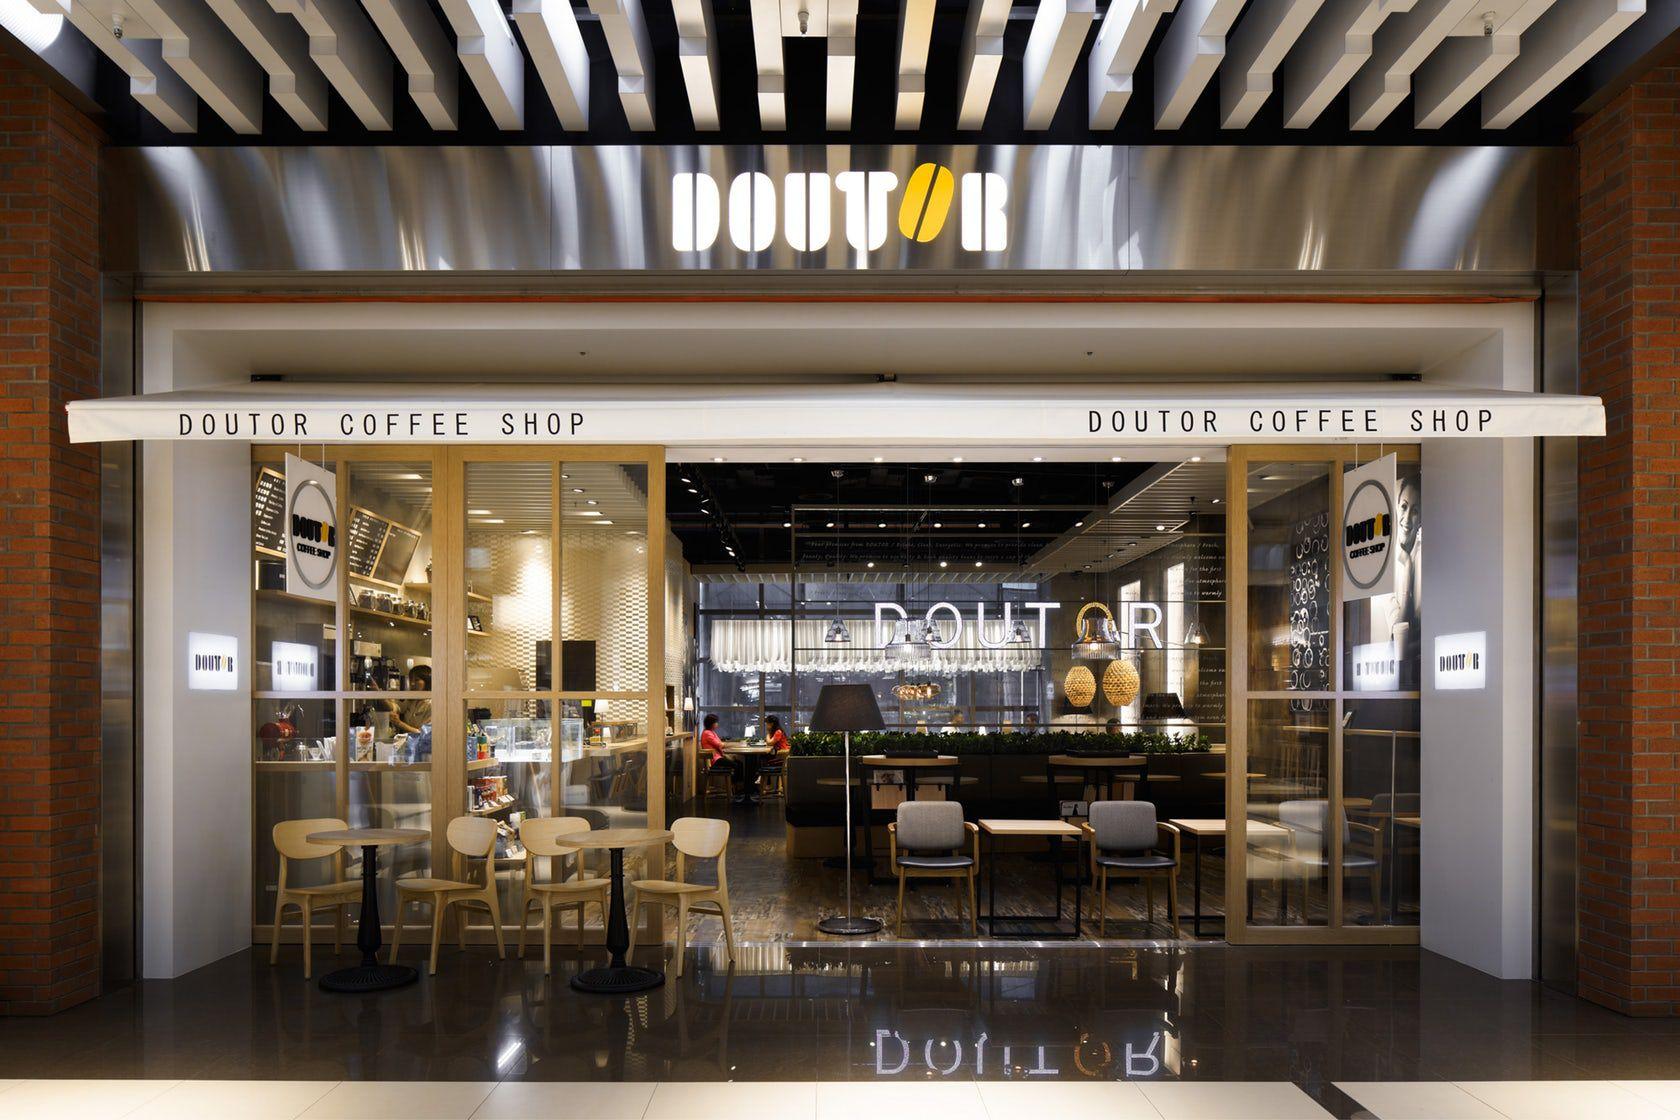 DOUTOR COFFEE SHOP - quan cafe hien dai o taiwan 2018